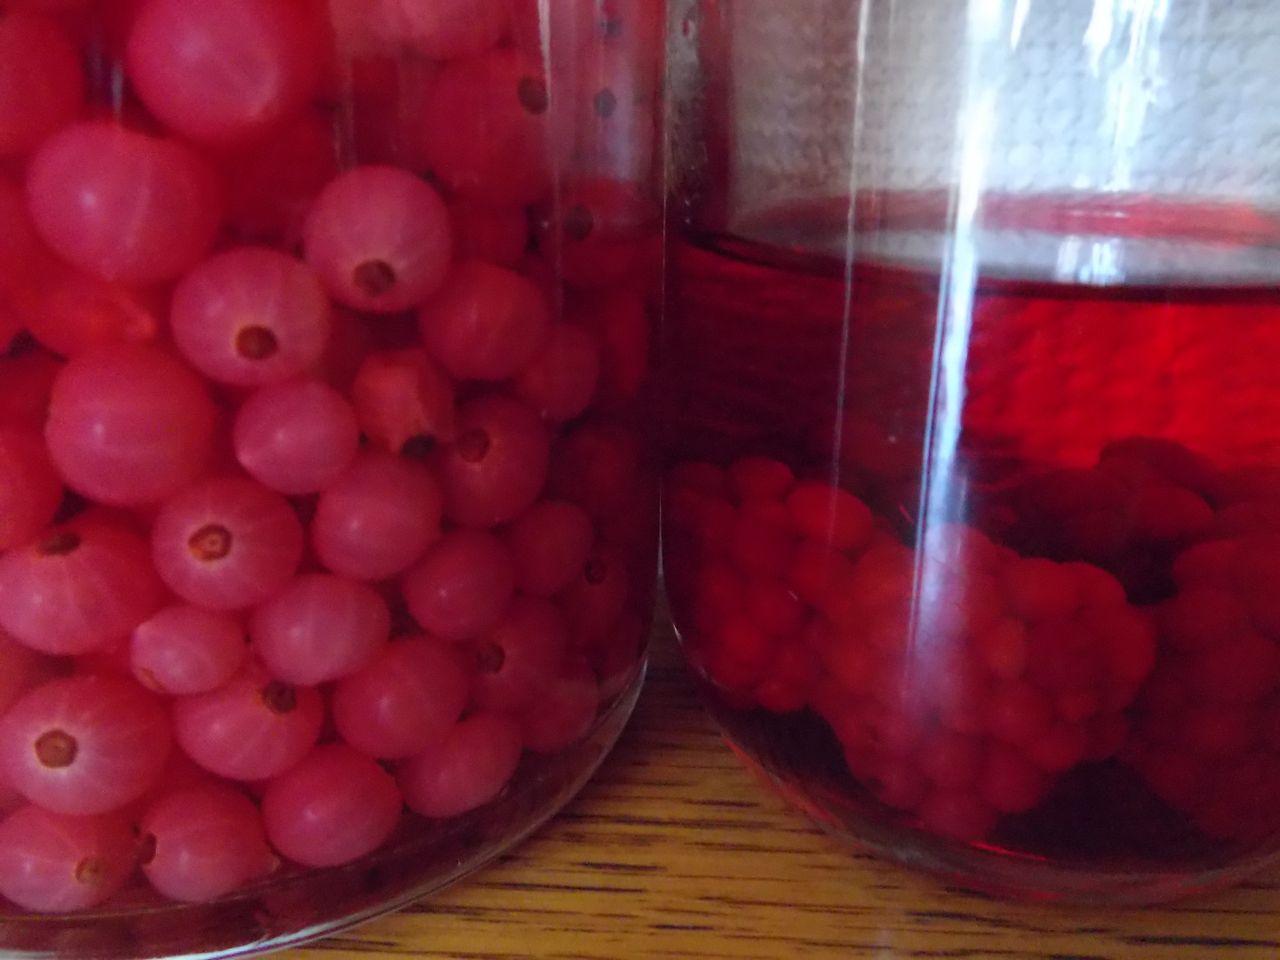 咲き出した巨大オオケタデと不思議な果実酒の色_c0025115_22164987.jpg